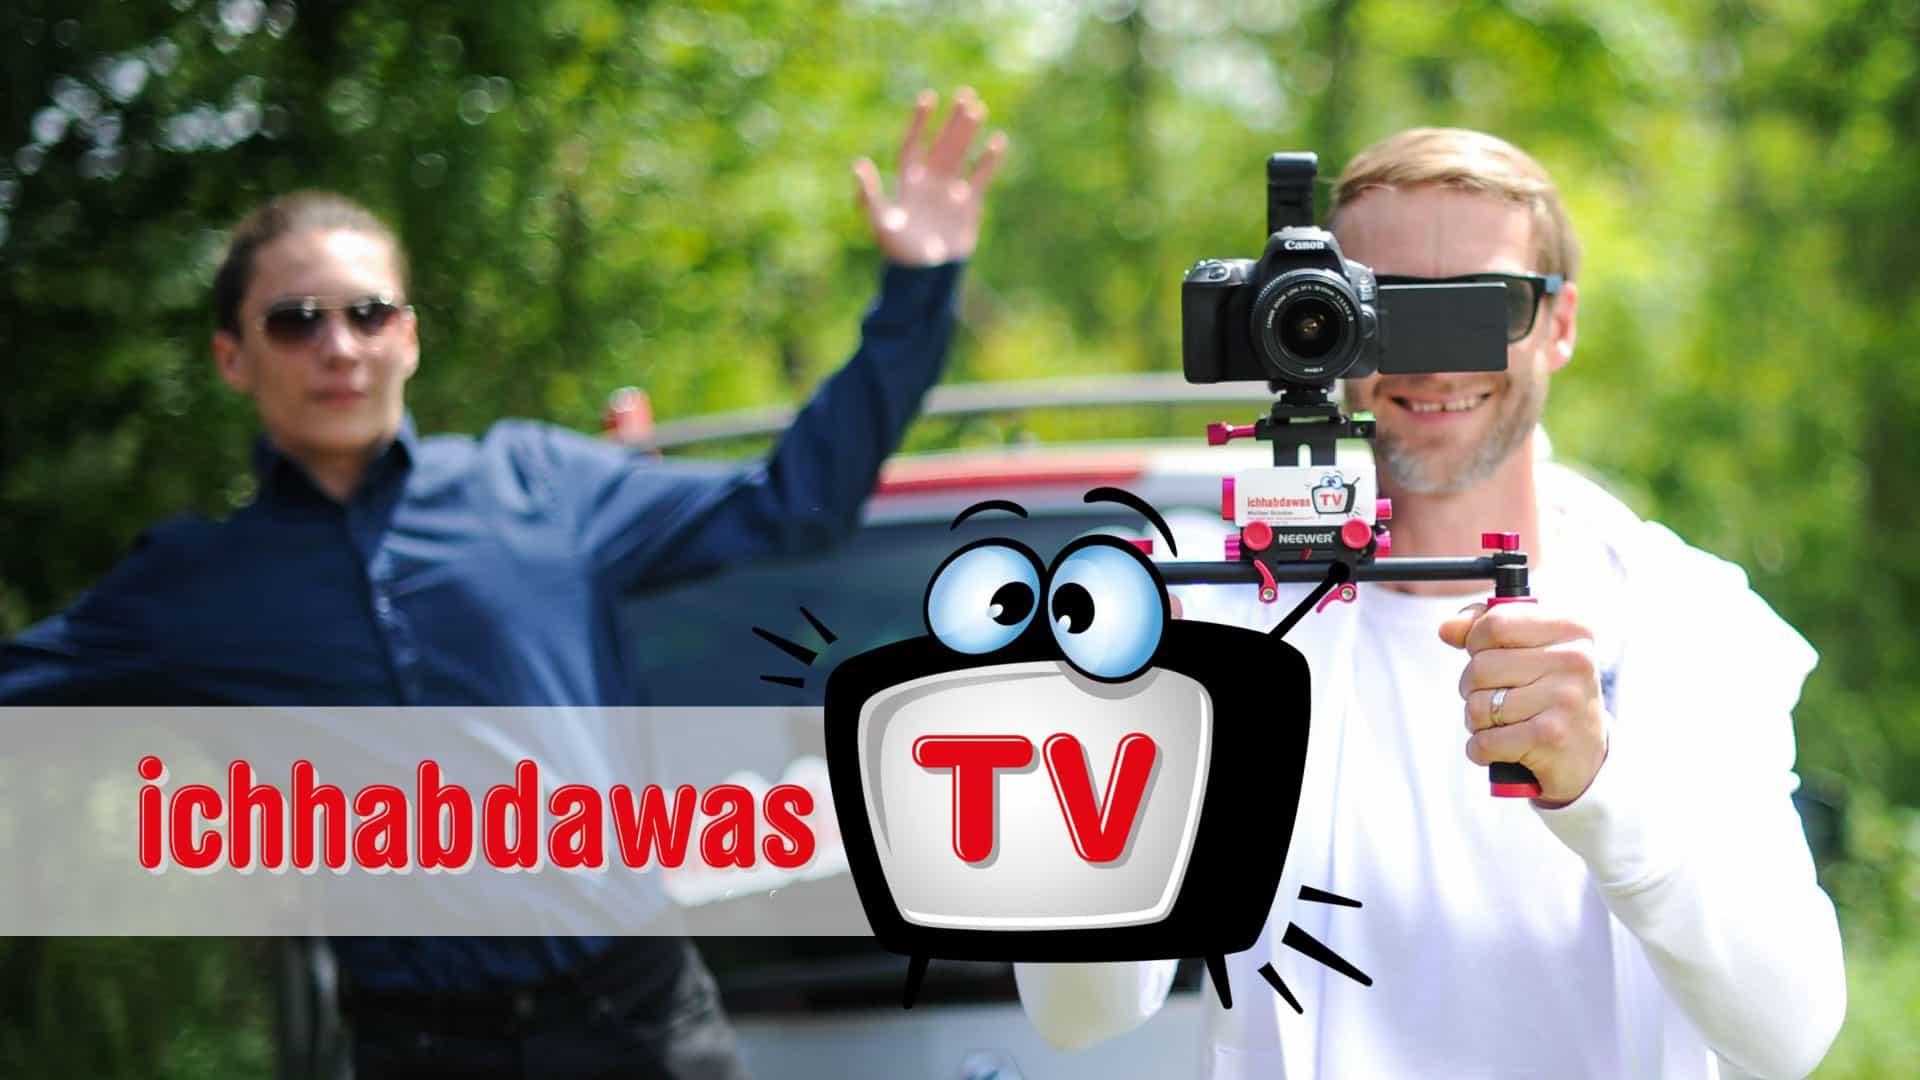 ich-hab-da-was-tv-hero5